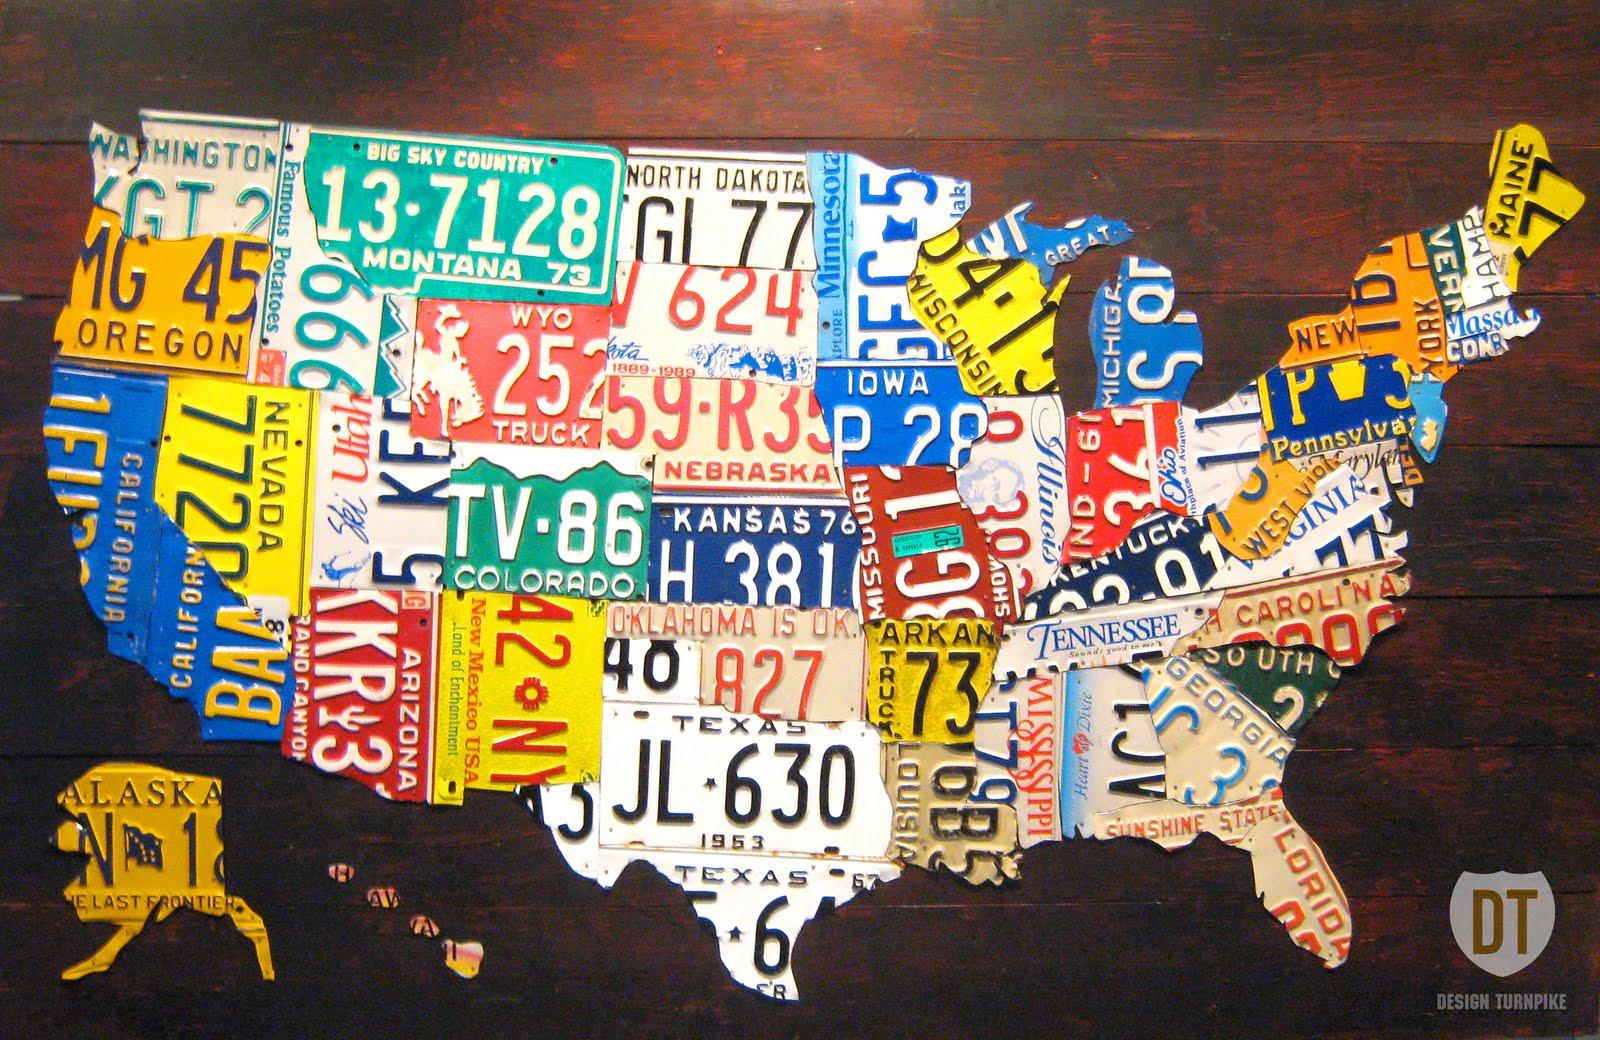 http://1.bp.blogspot.com/-1OxXSbkOhAs/TVqlKl0mSnI/AAAAAAAAAXk/6bH-Uppt0sE/s1600/us_large.jpg